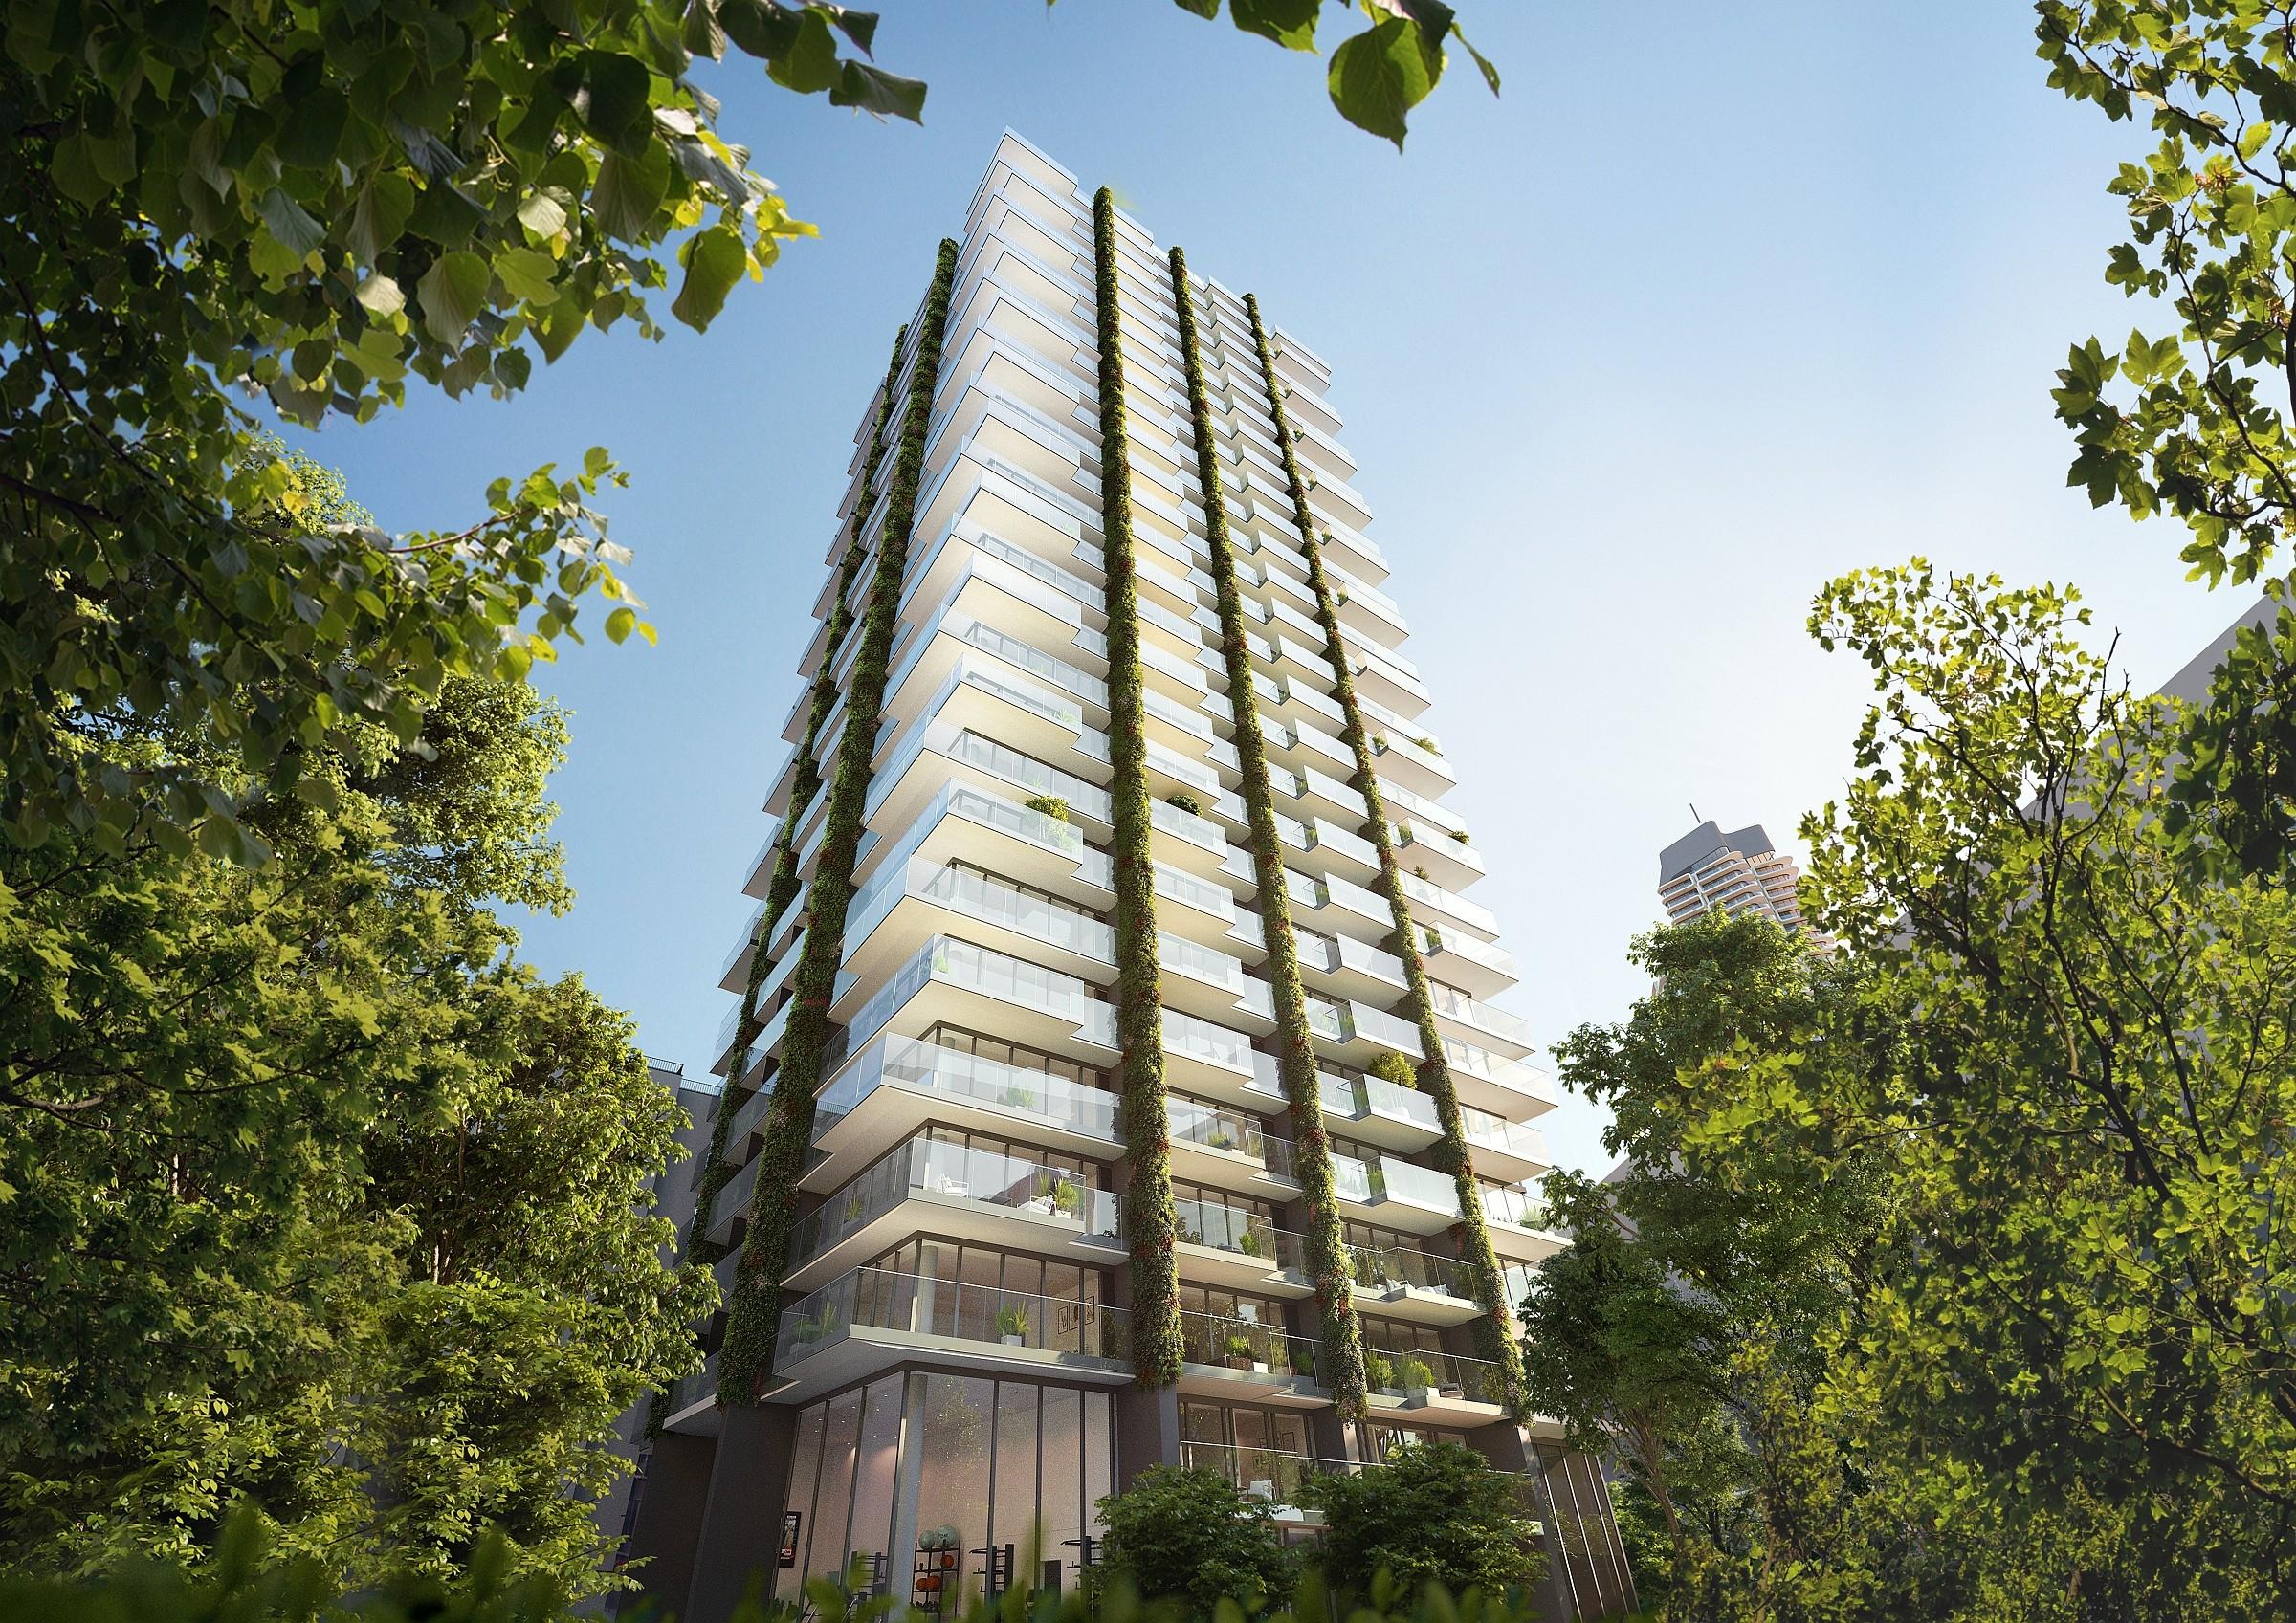 Hochhauswelten Frankfurt Wohnhochhaus Eden 98m In Bau